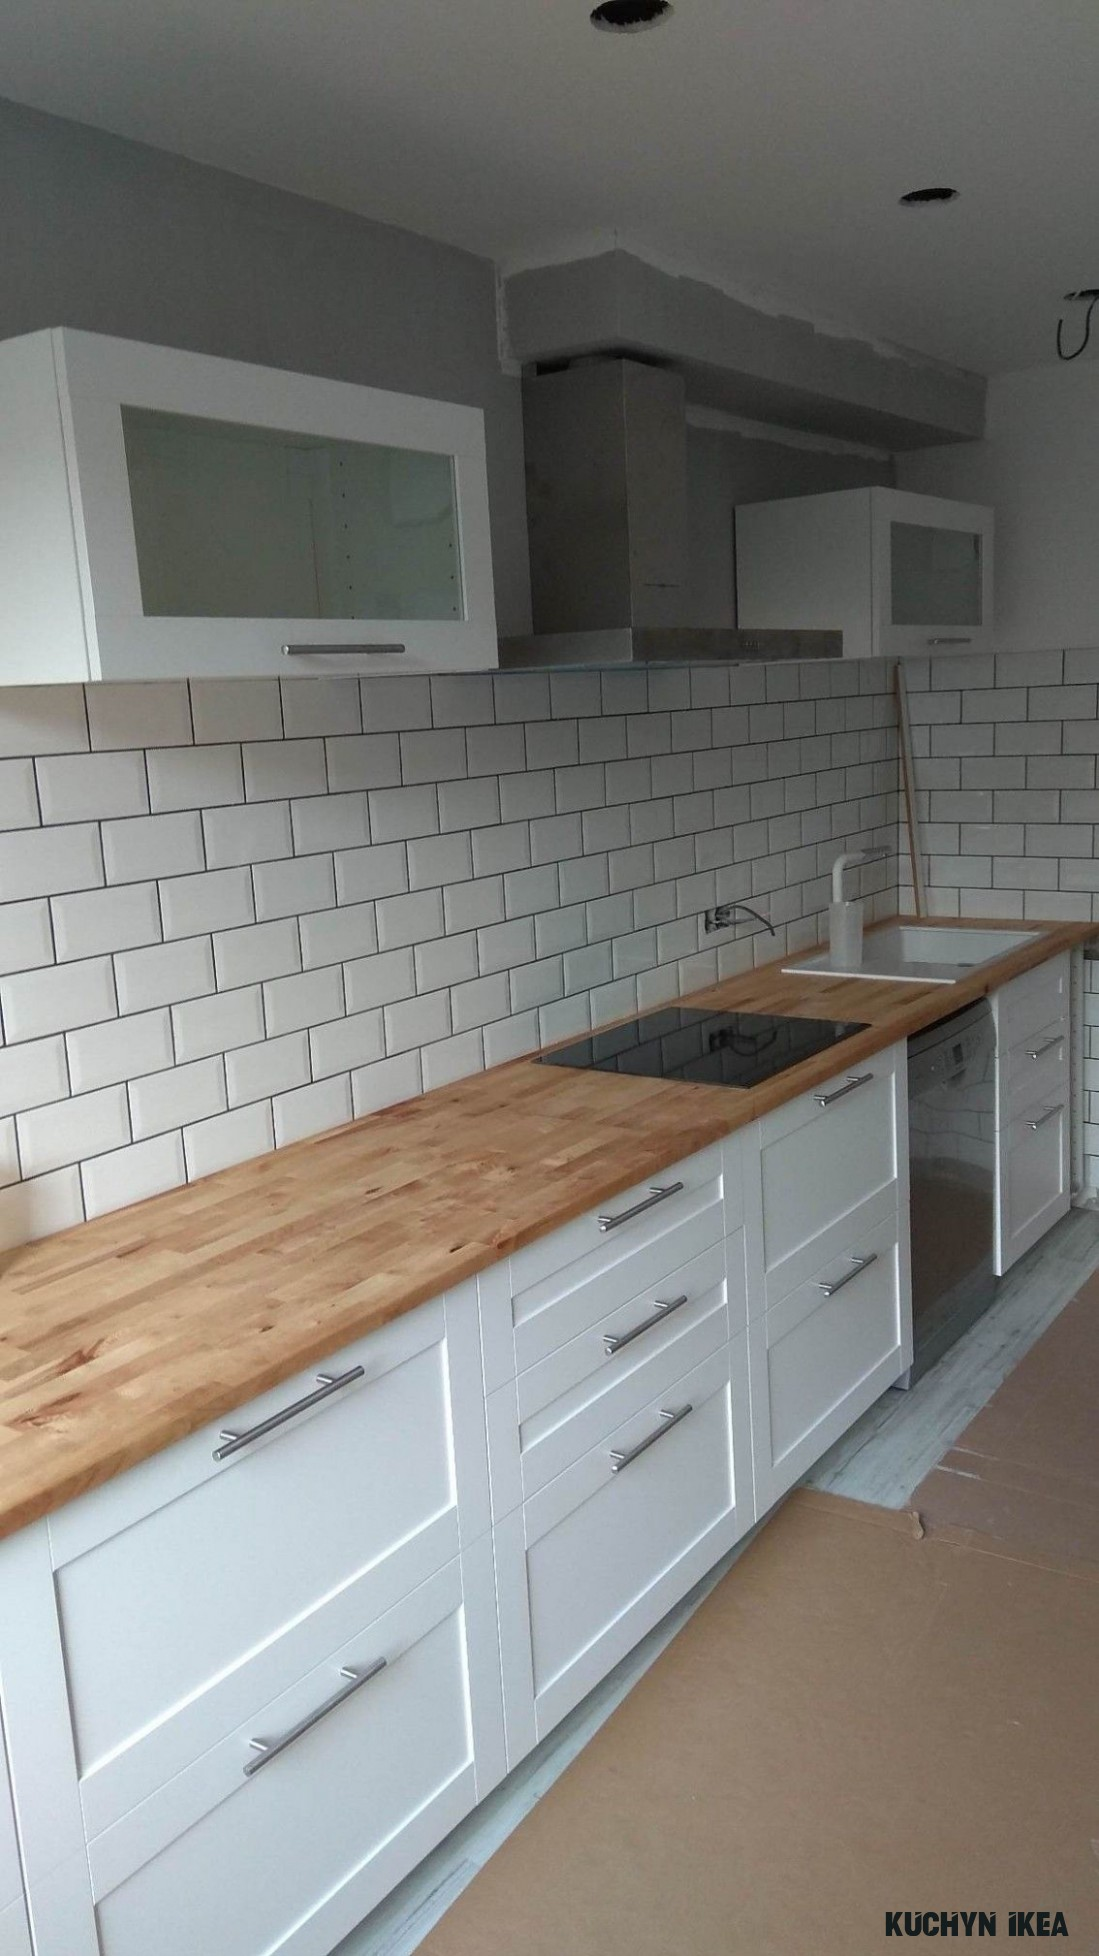 Nejlépe hodnocené z Kuchyňská Linka Ikea  Diy kitchen remodel